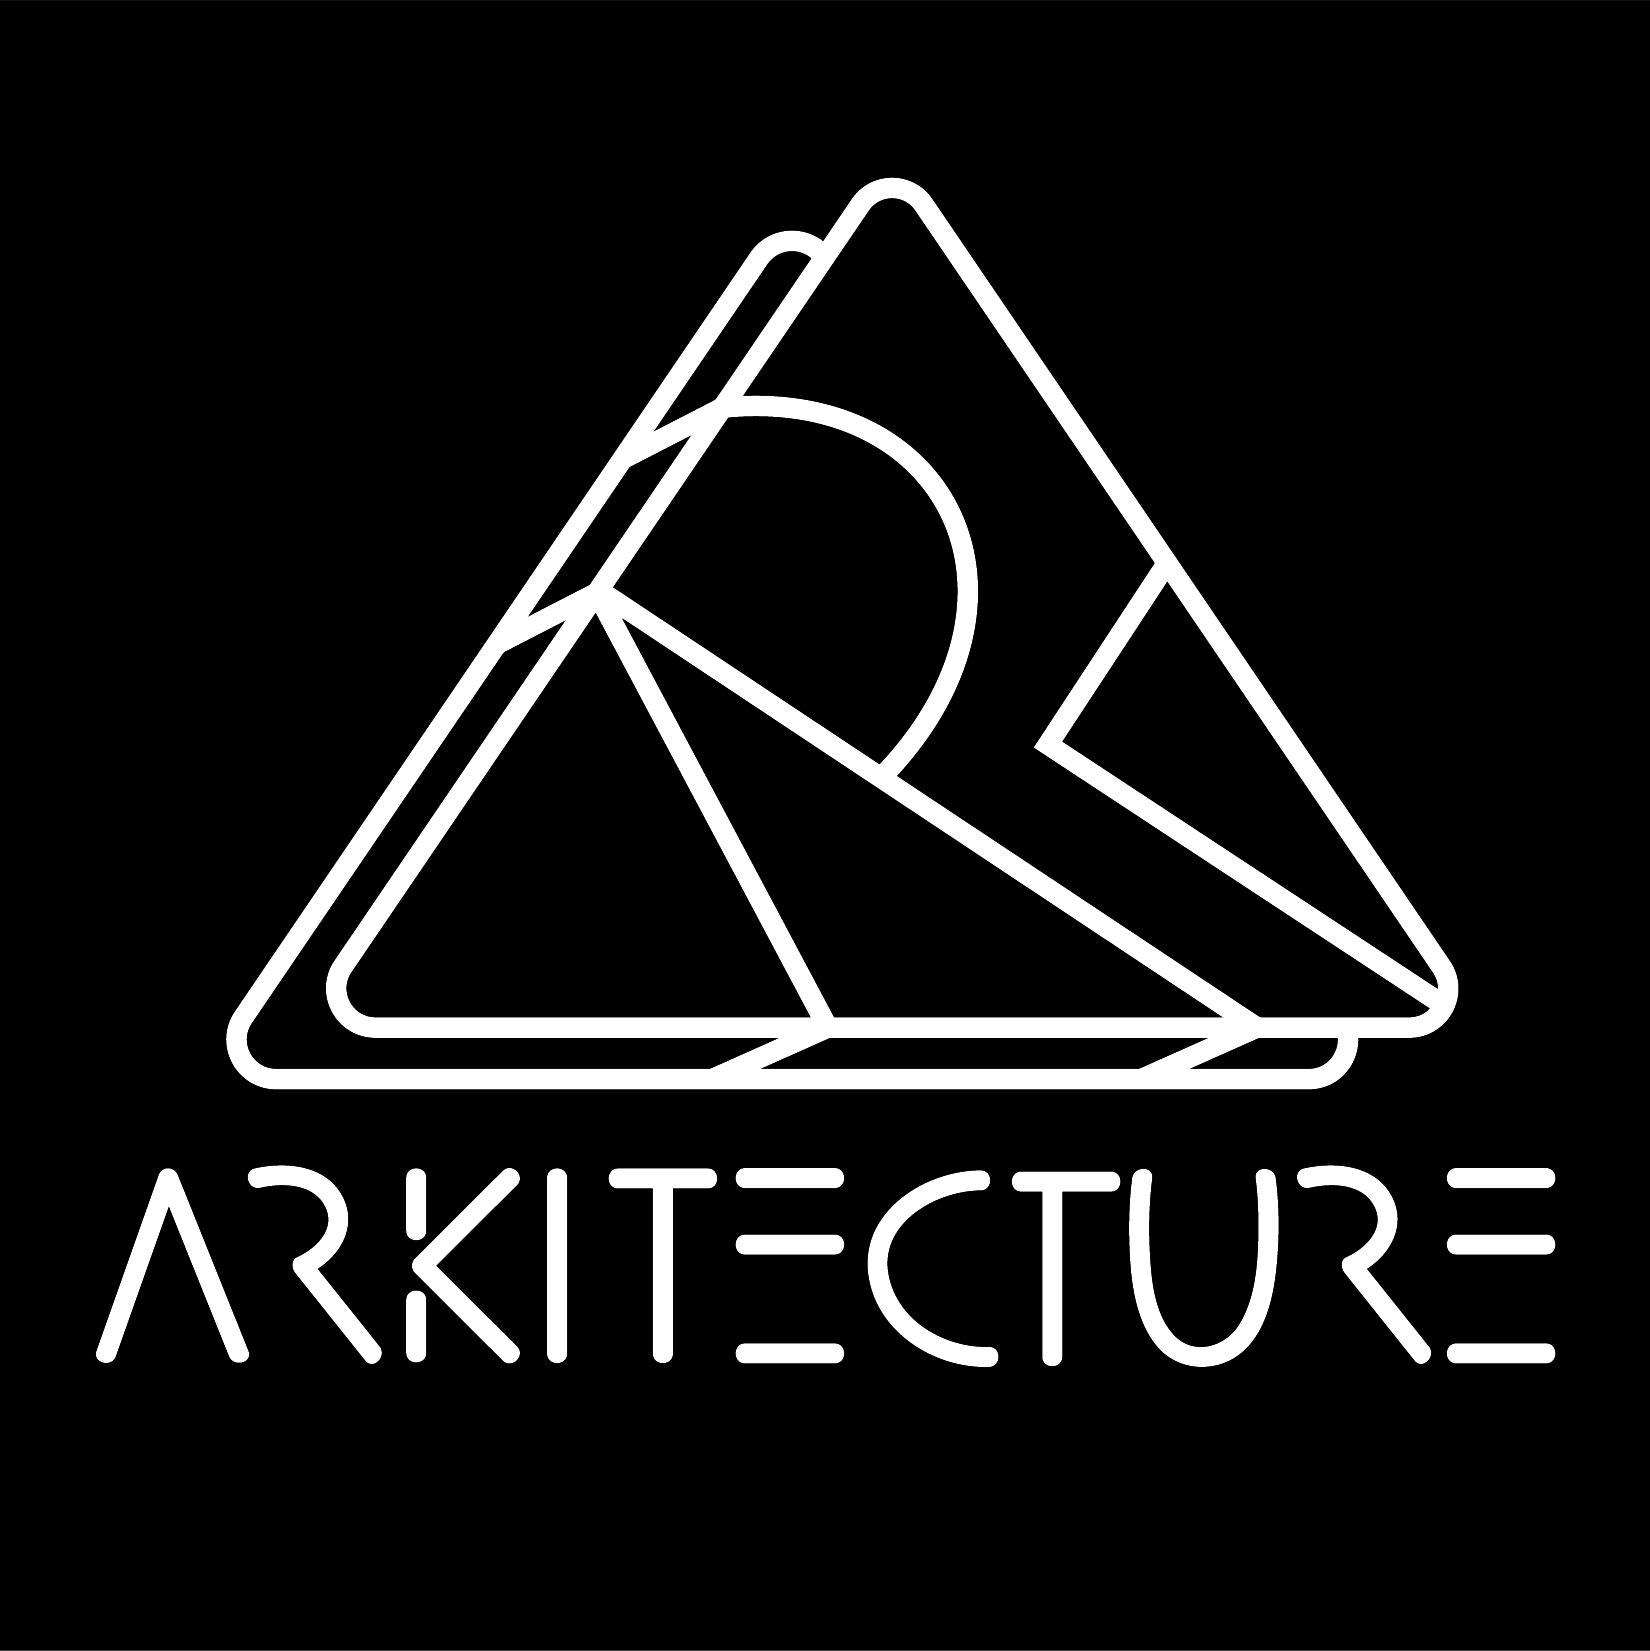 ArkitectureLogo-White on black-Square-large.jpg